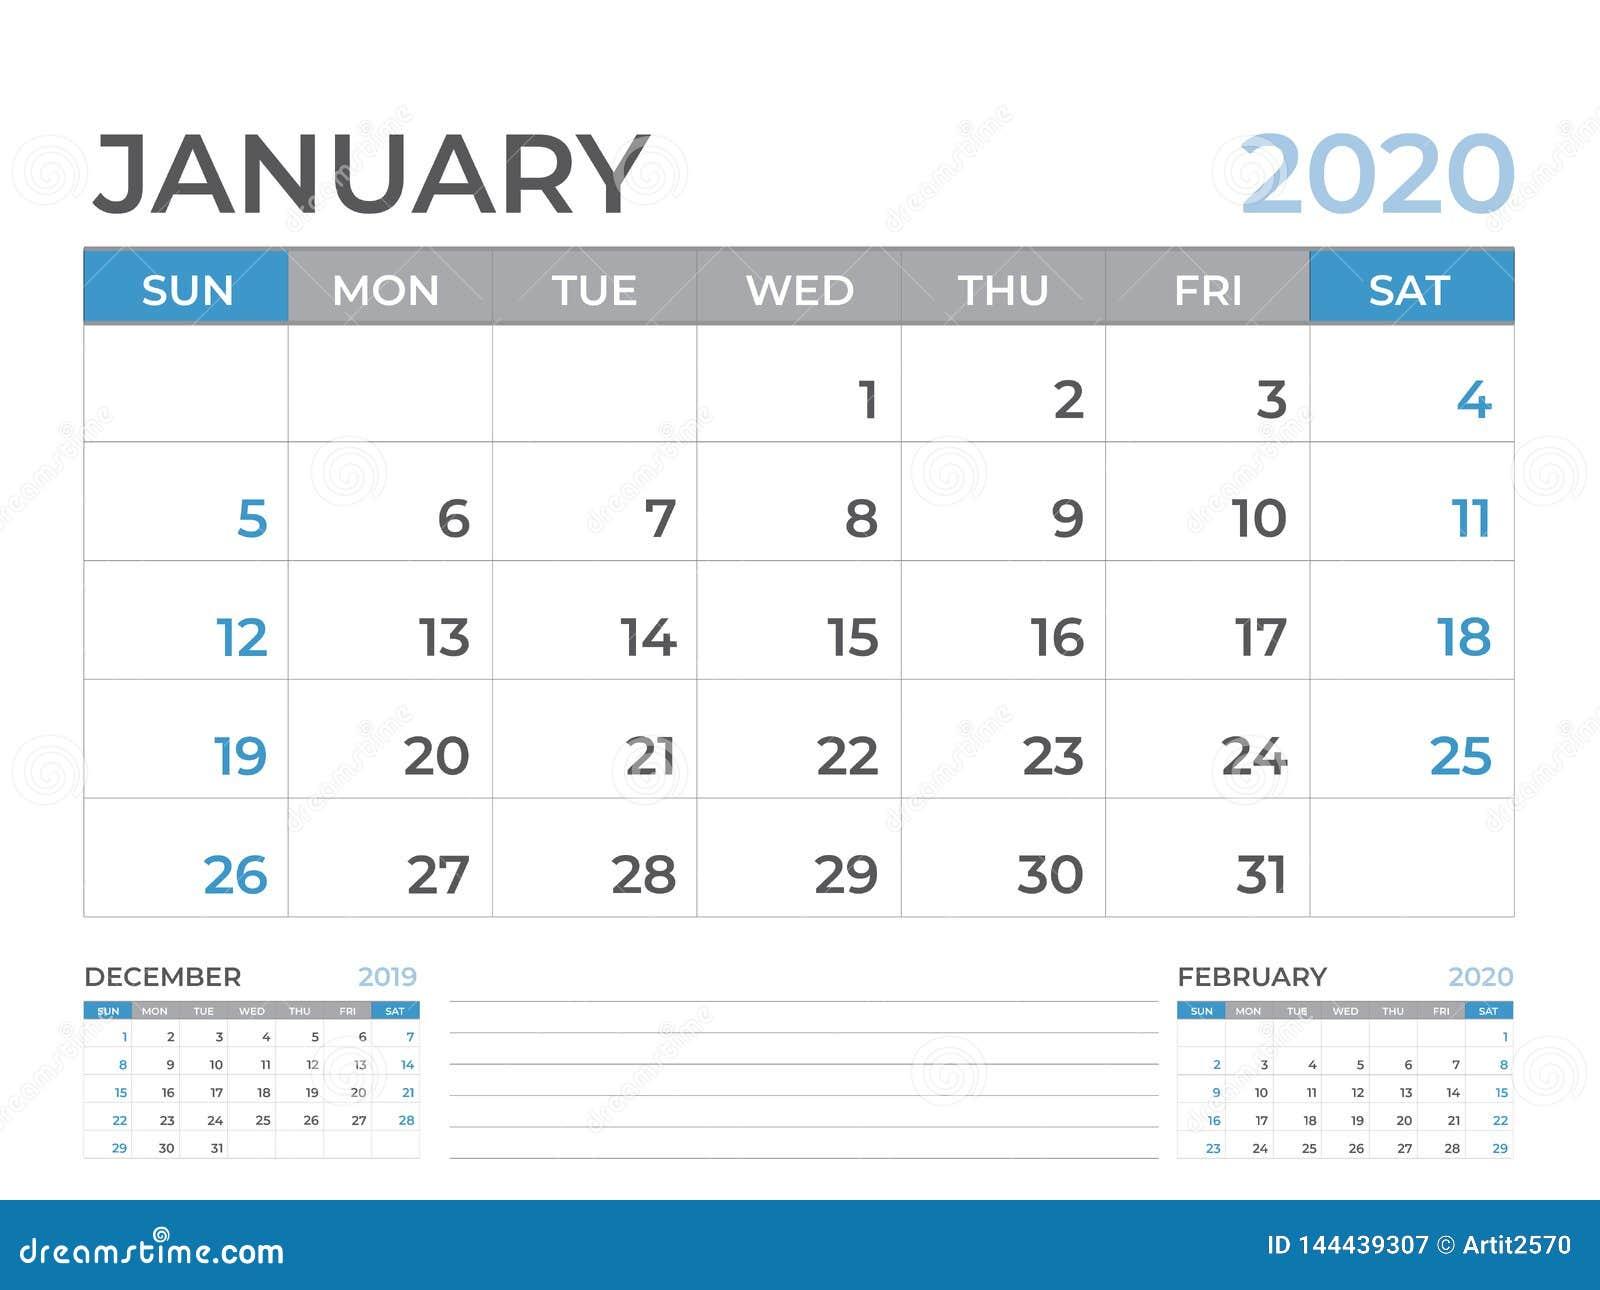 Januar 2020 Kalenderschablone, Tischkalender-Plan Größe 8 x 6 Zoll, Planerentwurf, Wochenanfänge am Sonntag, Briefpapierentwurf